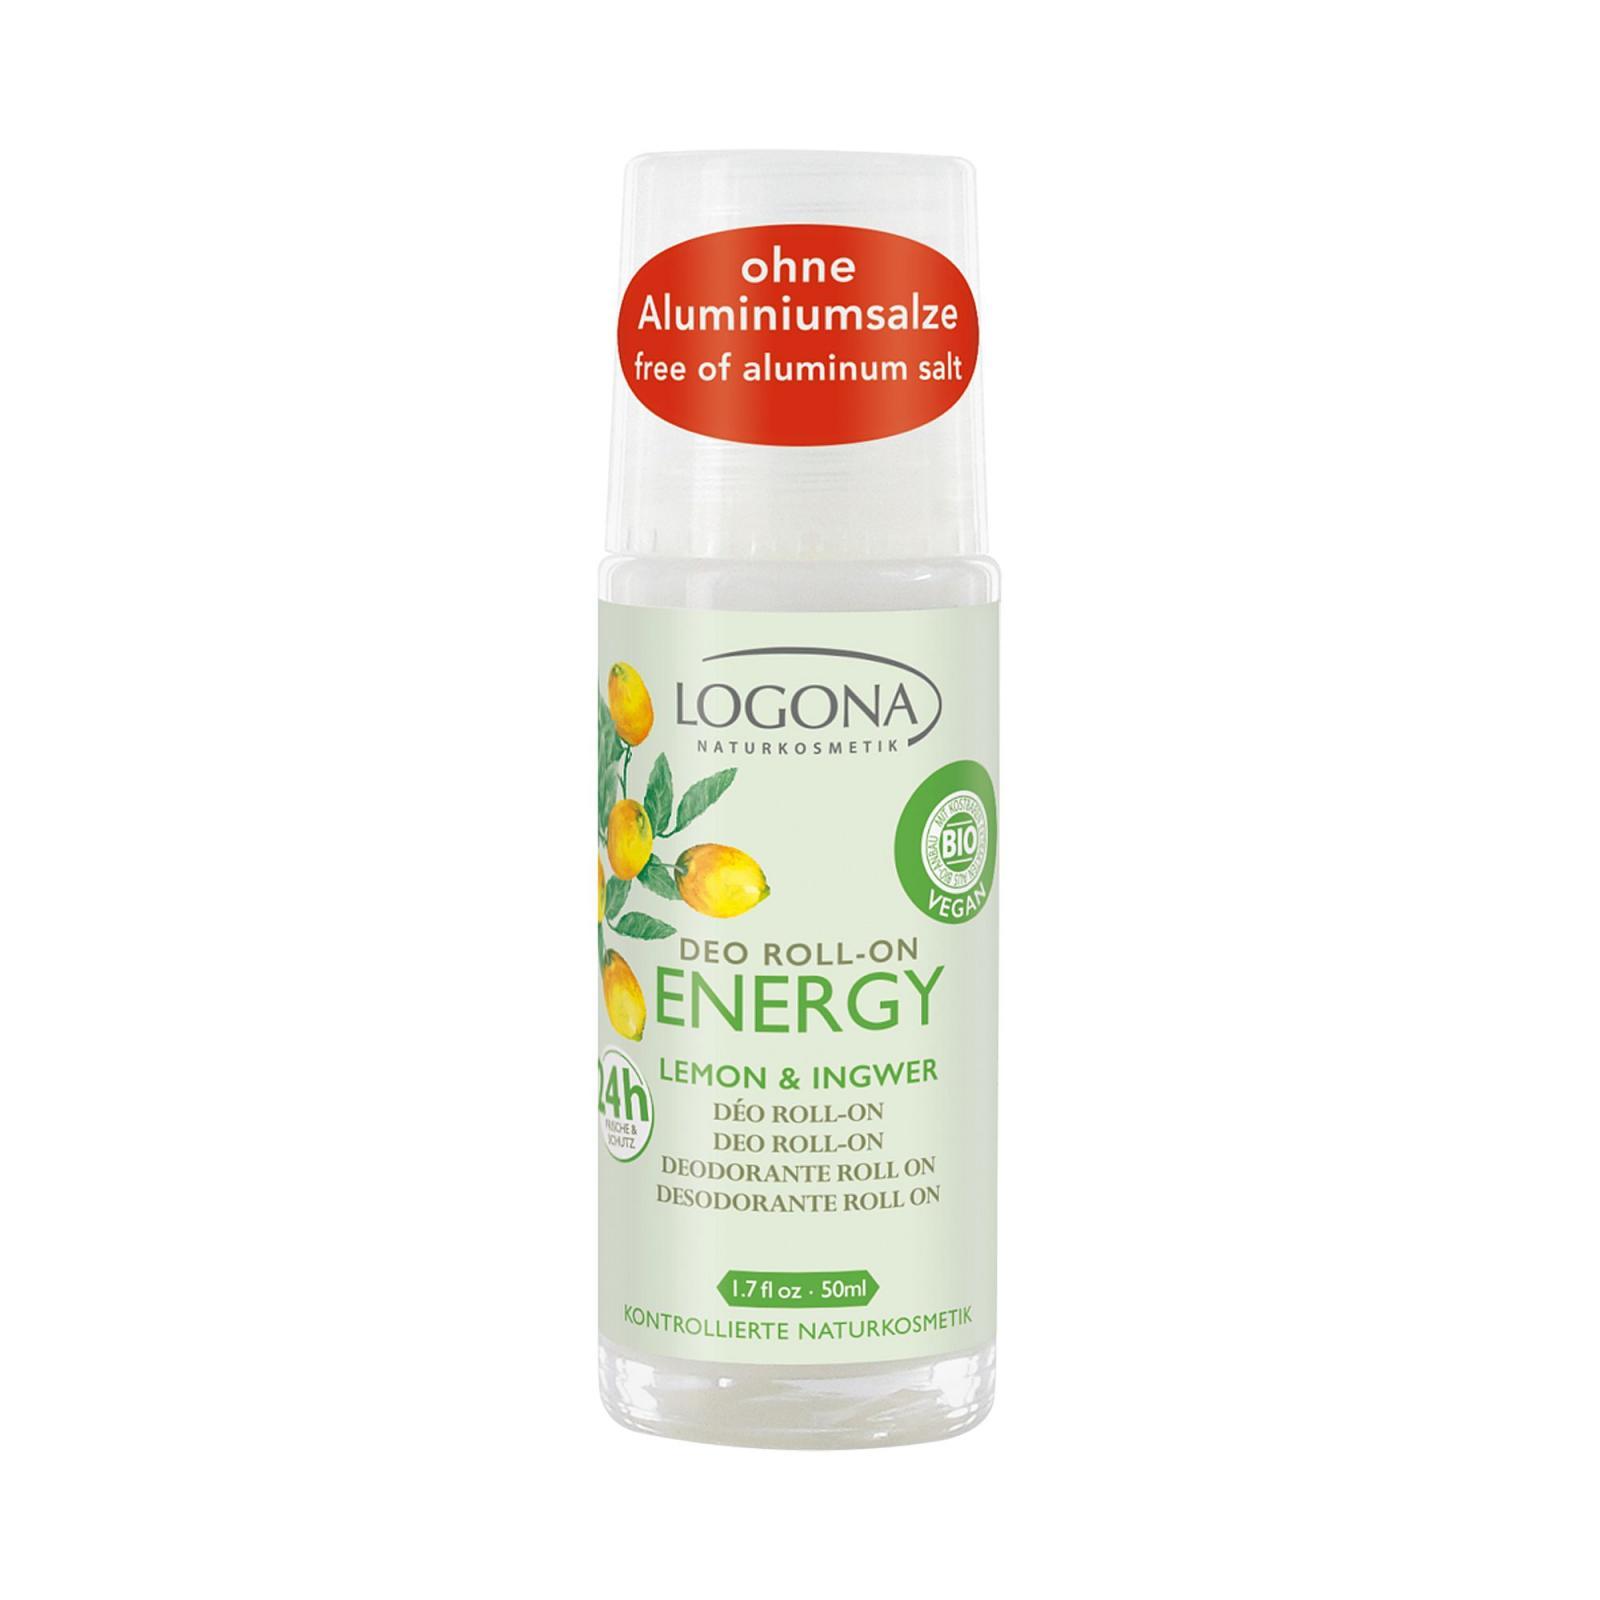 Logona Deo kulička citron a zázvor, Energy 50 ml